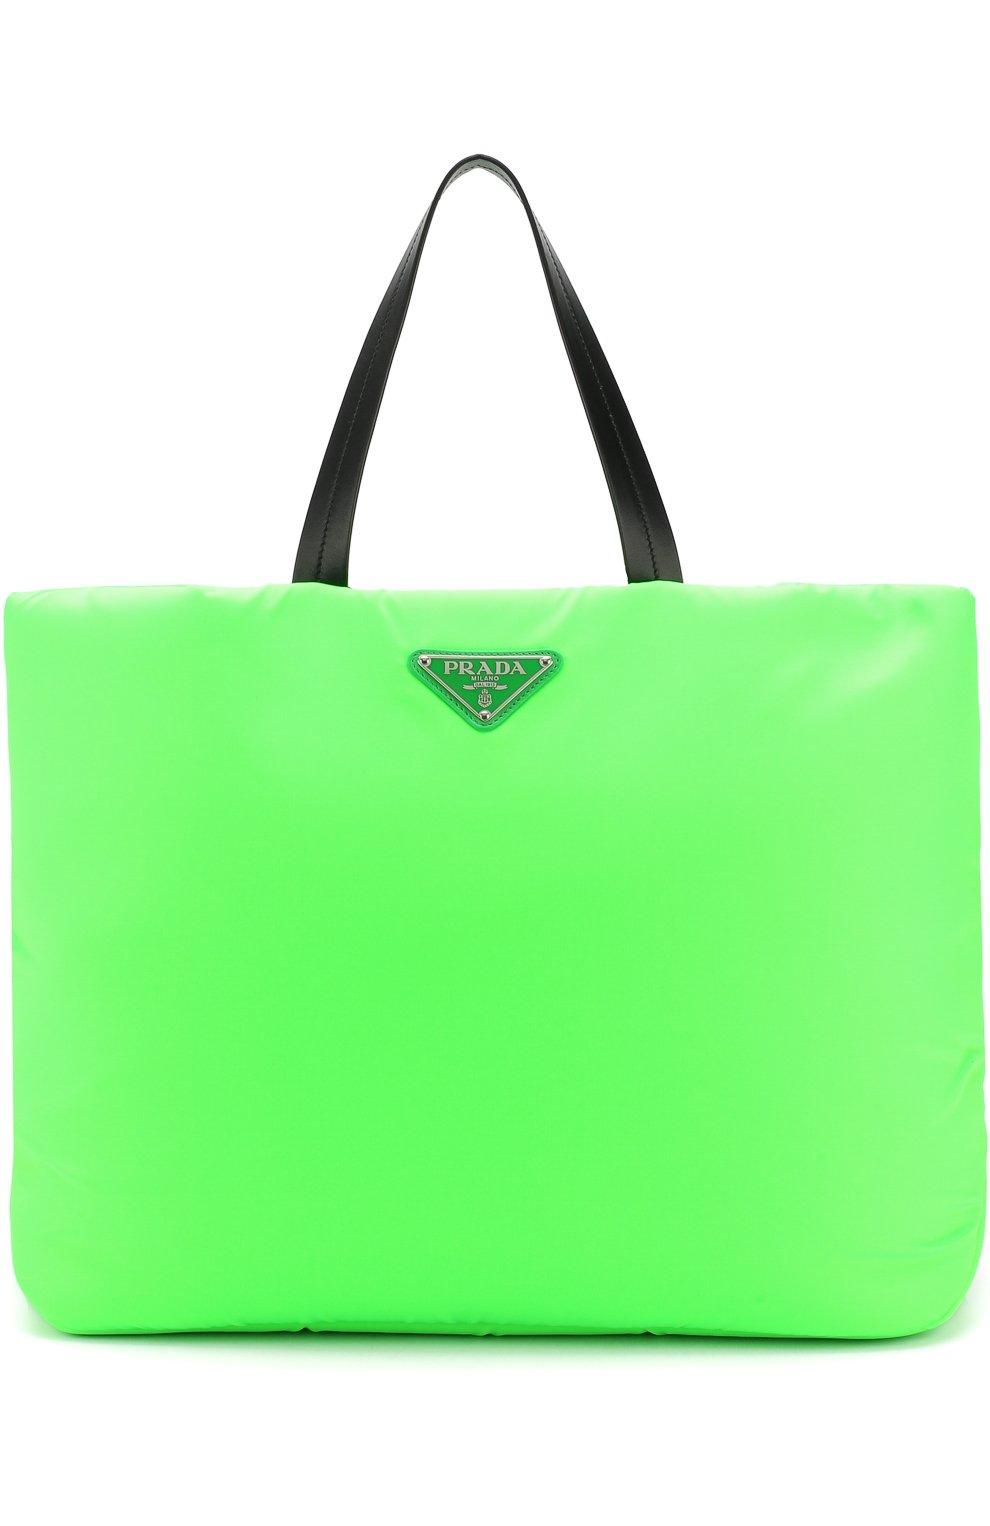 b53ea947a21d Женская сумка-тоут medium padded nylon PRADA зеленая цвета — купить ...